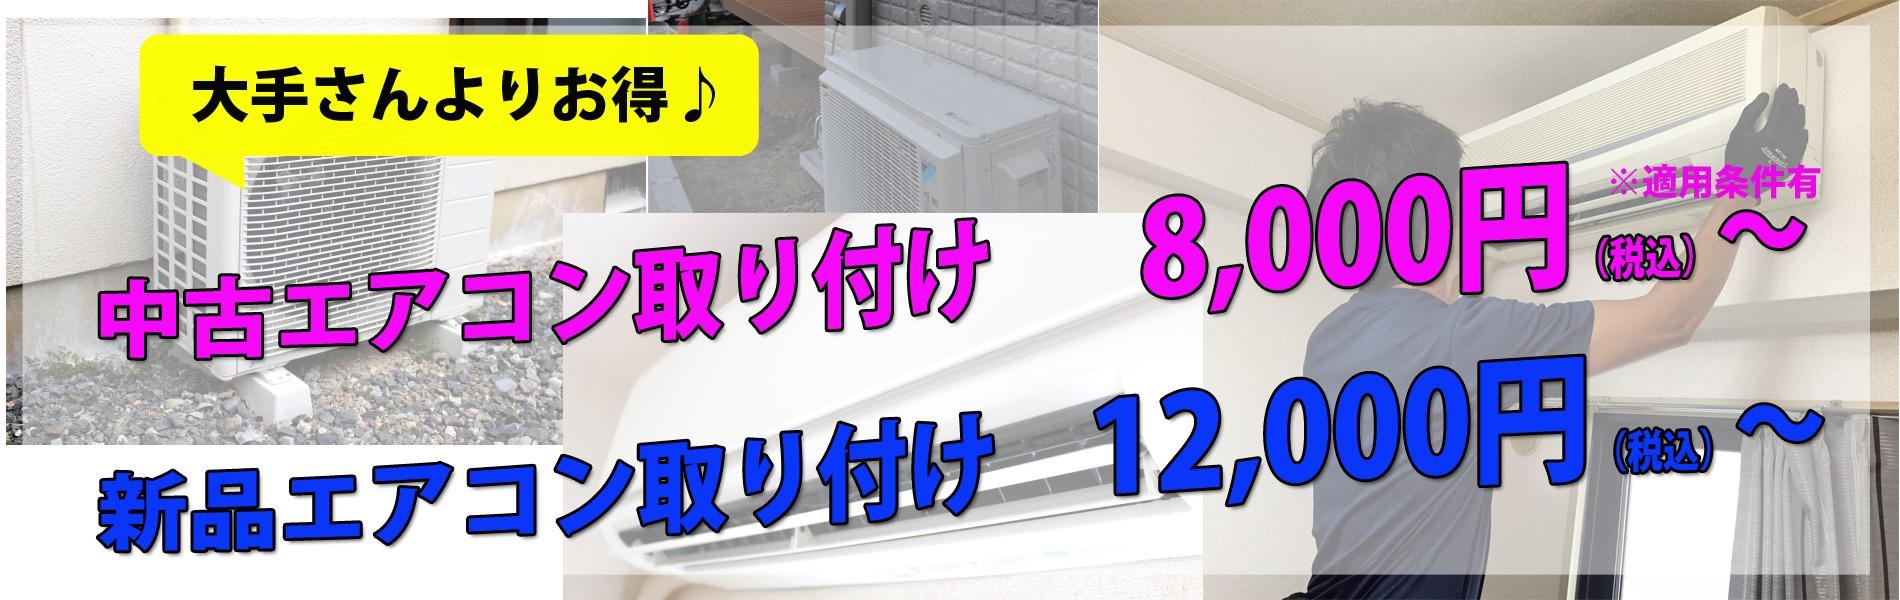 愛知岐阜三重のエアコン取り付け工事業者は名古屋市のECサービスまで|中古エアコン取り付け工事5400円~新品エアコン取付工事11000円~